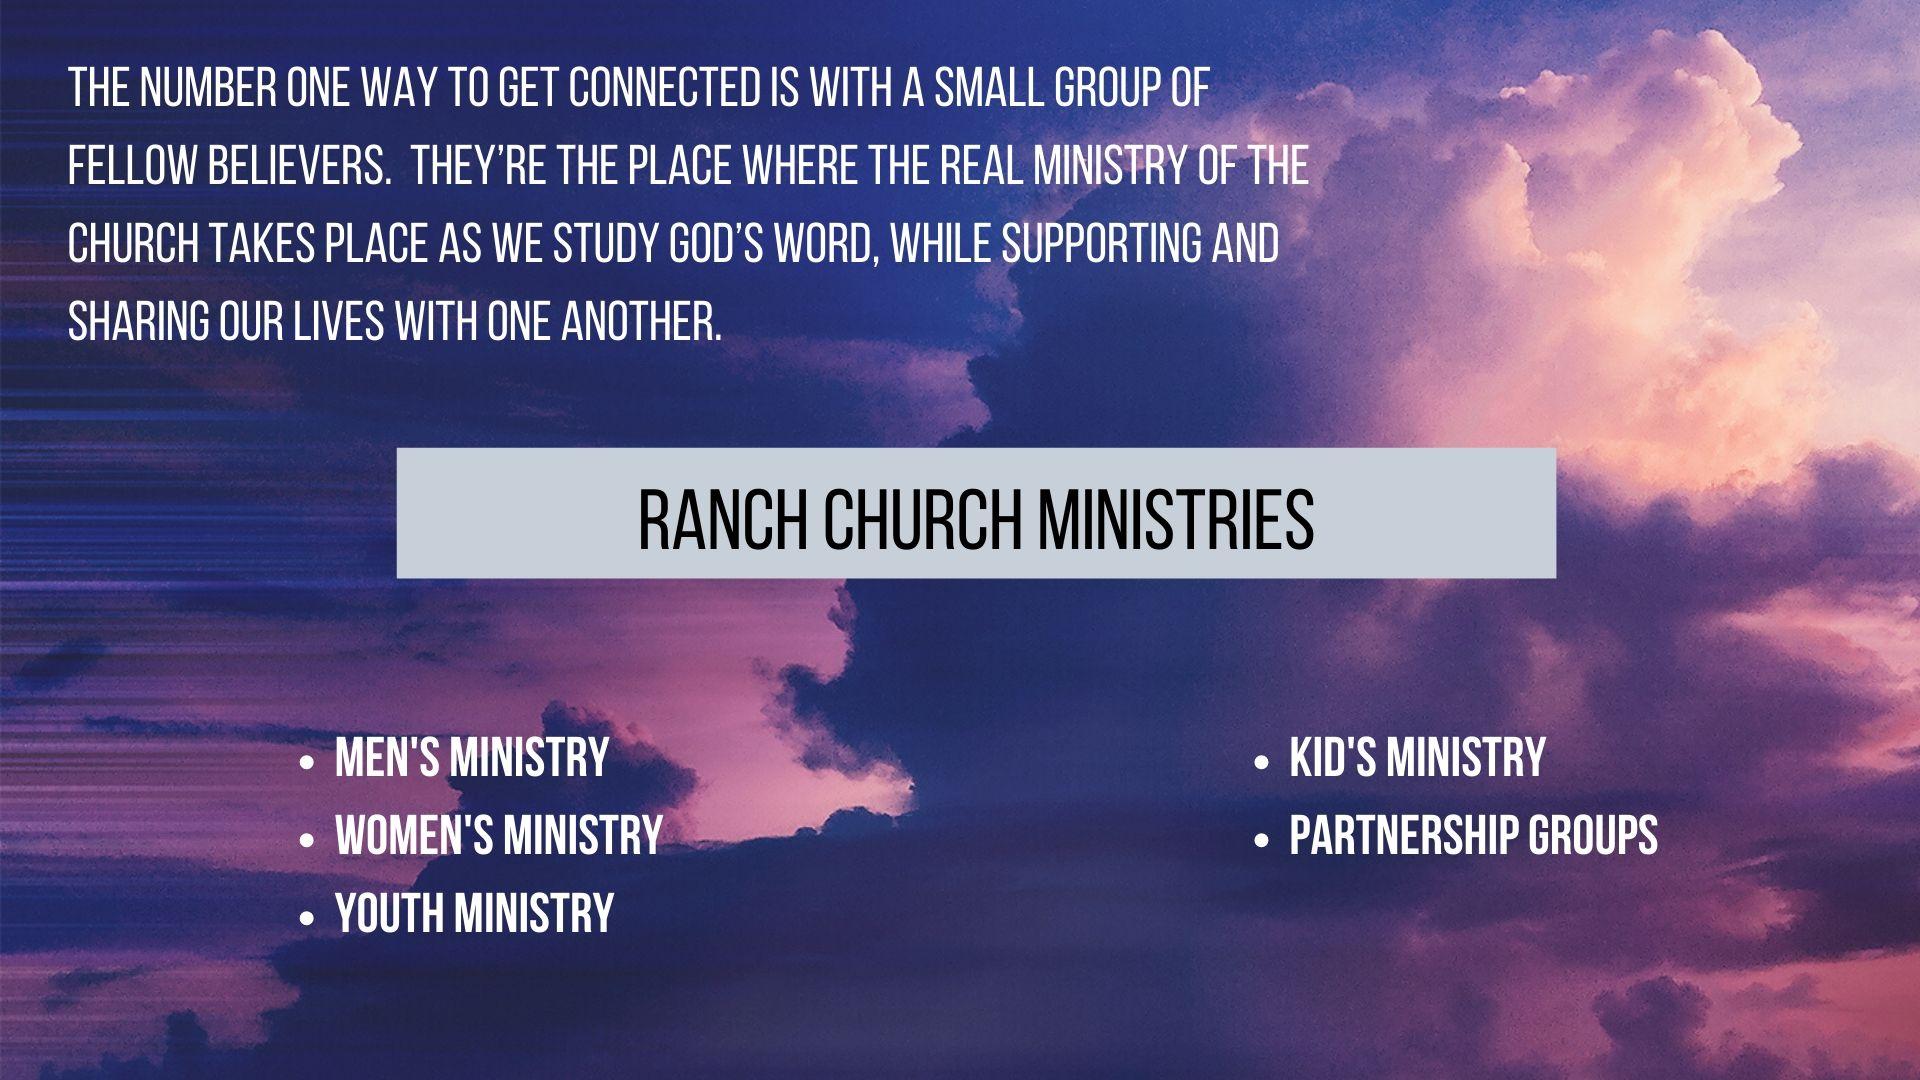 ranch church ministriesi (1)